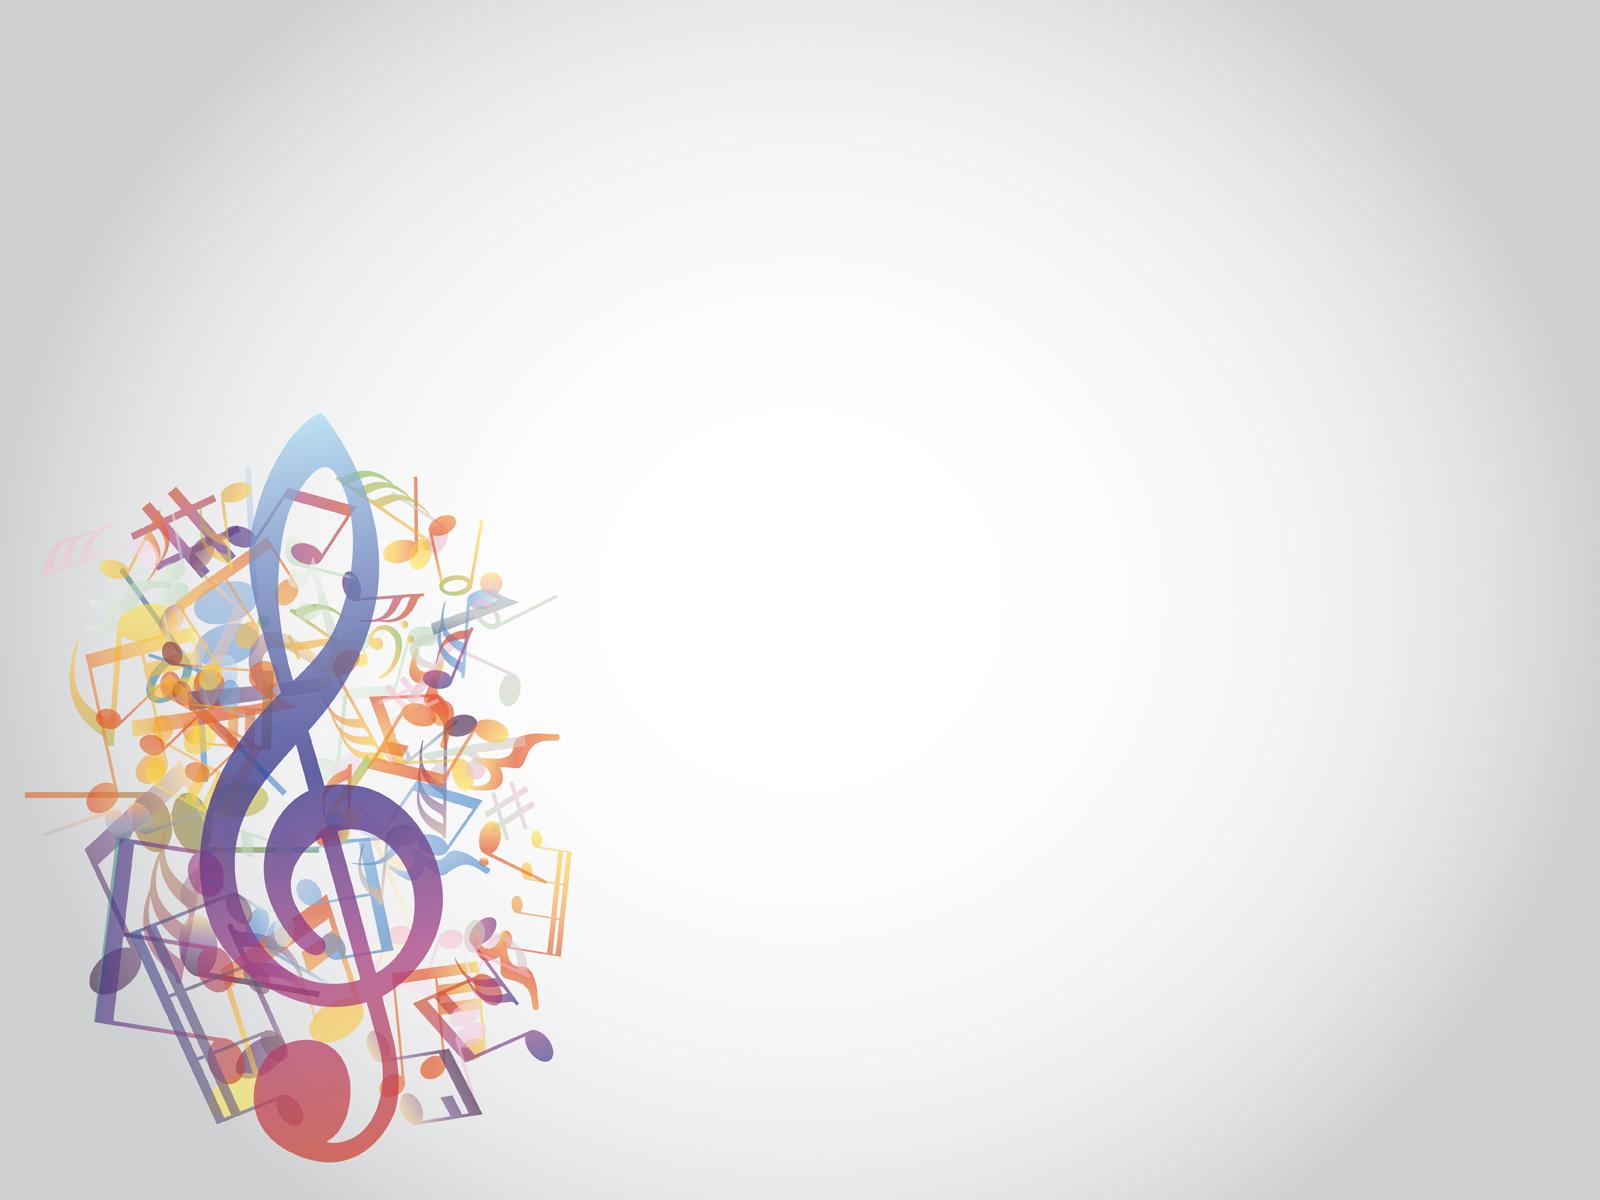 Hình nền Powerpoint nốt nhạc đẹp nhất